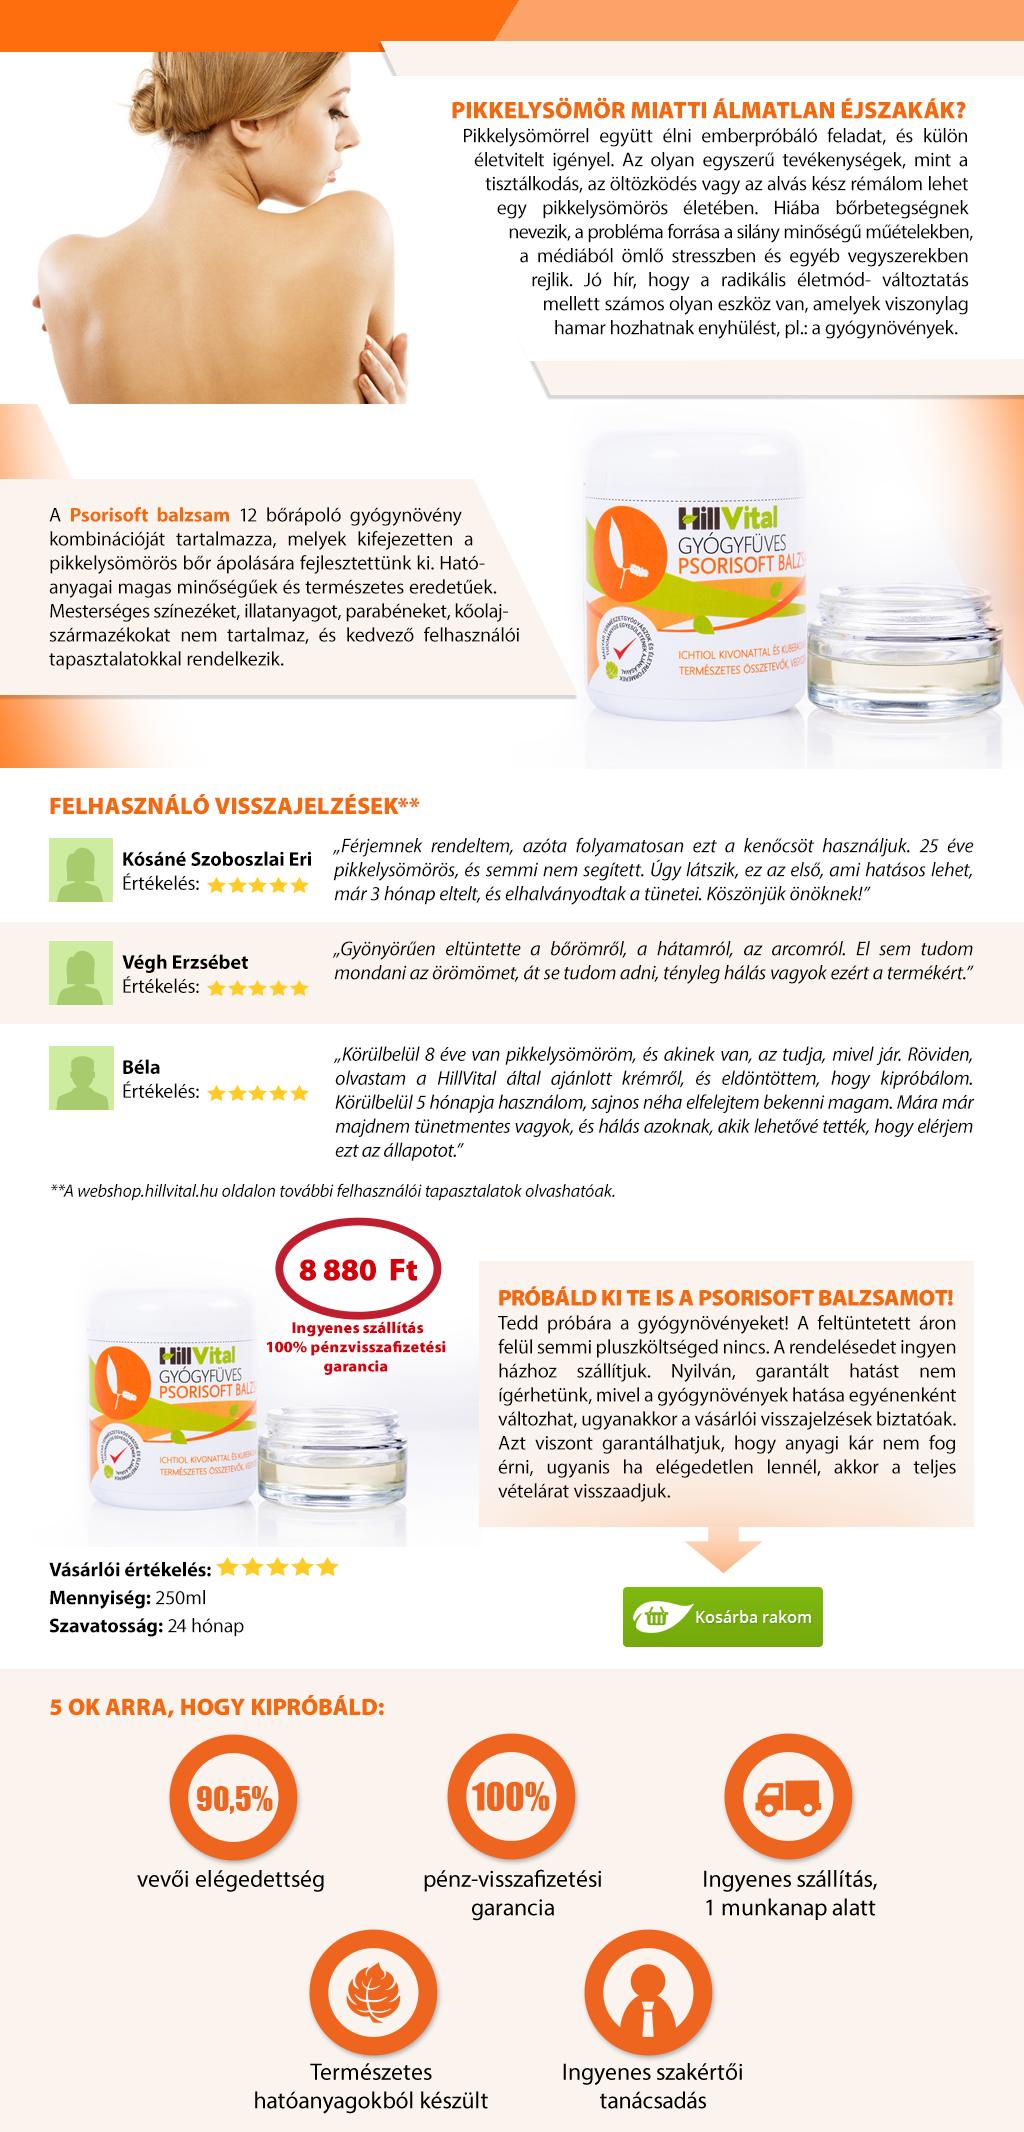 magas vérnyomás és hányás magas vérnyomás elleni gyógyszerkészlet